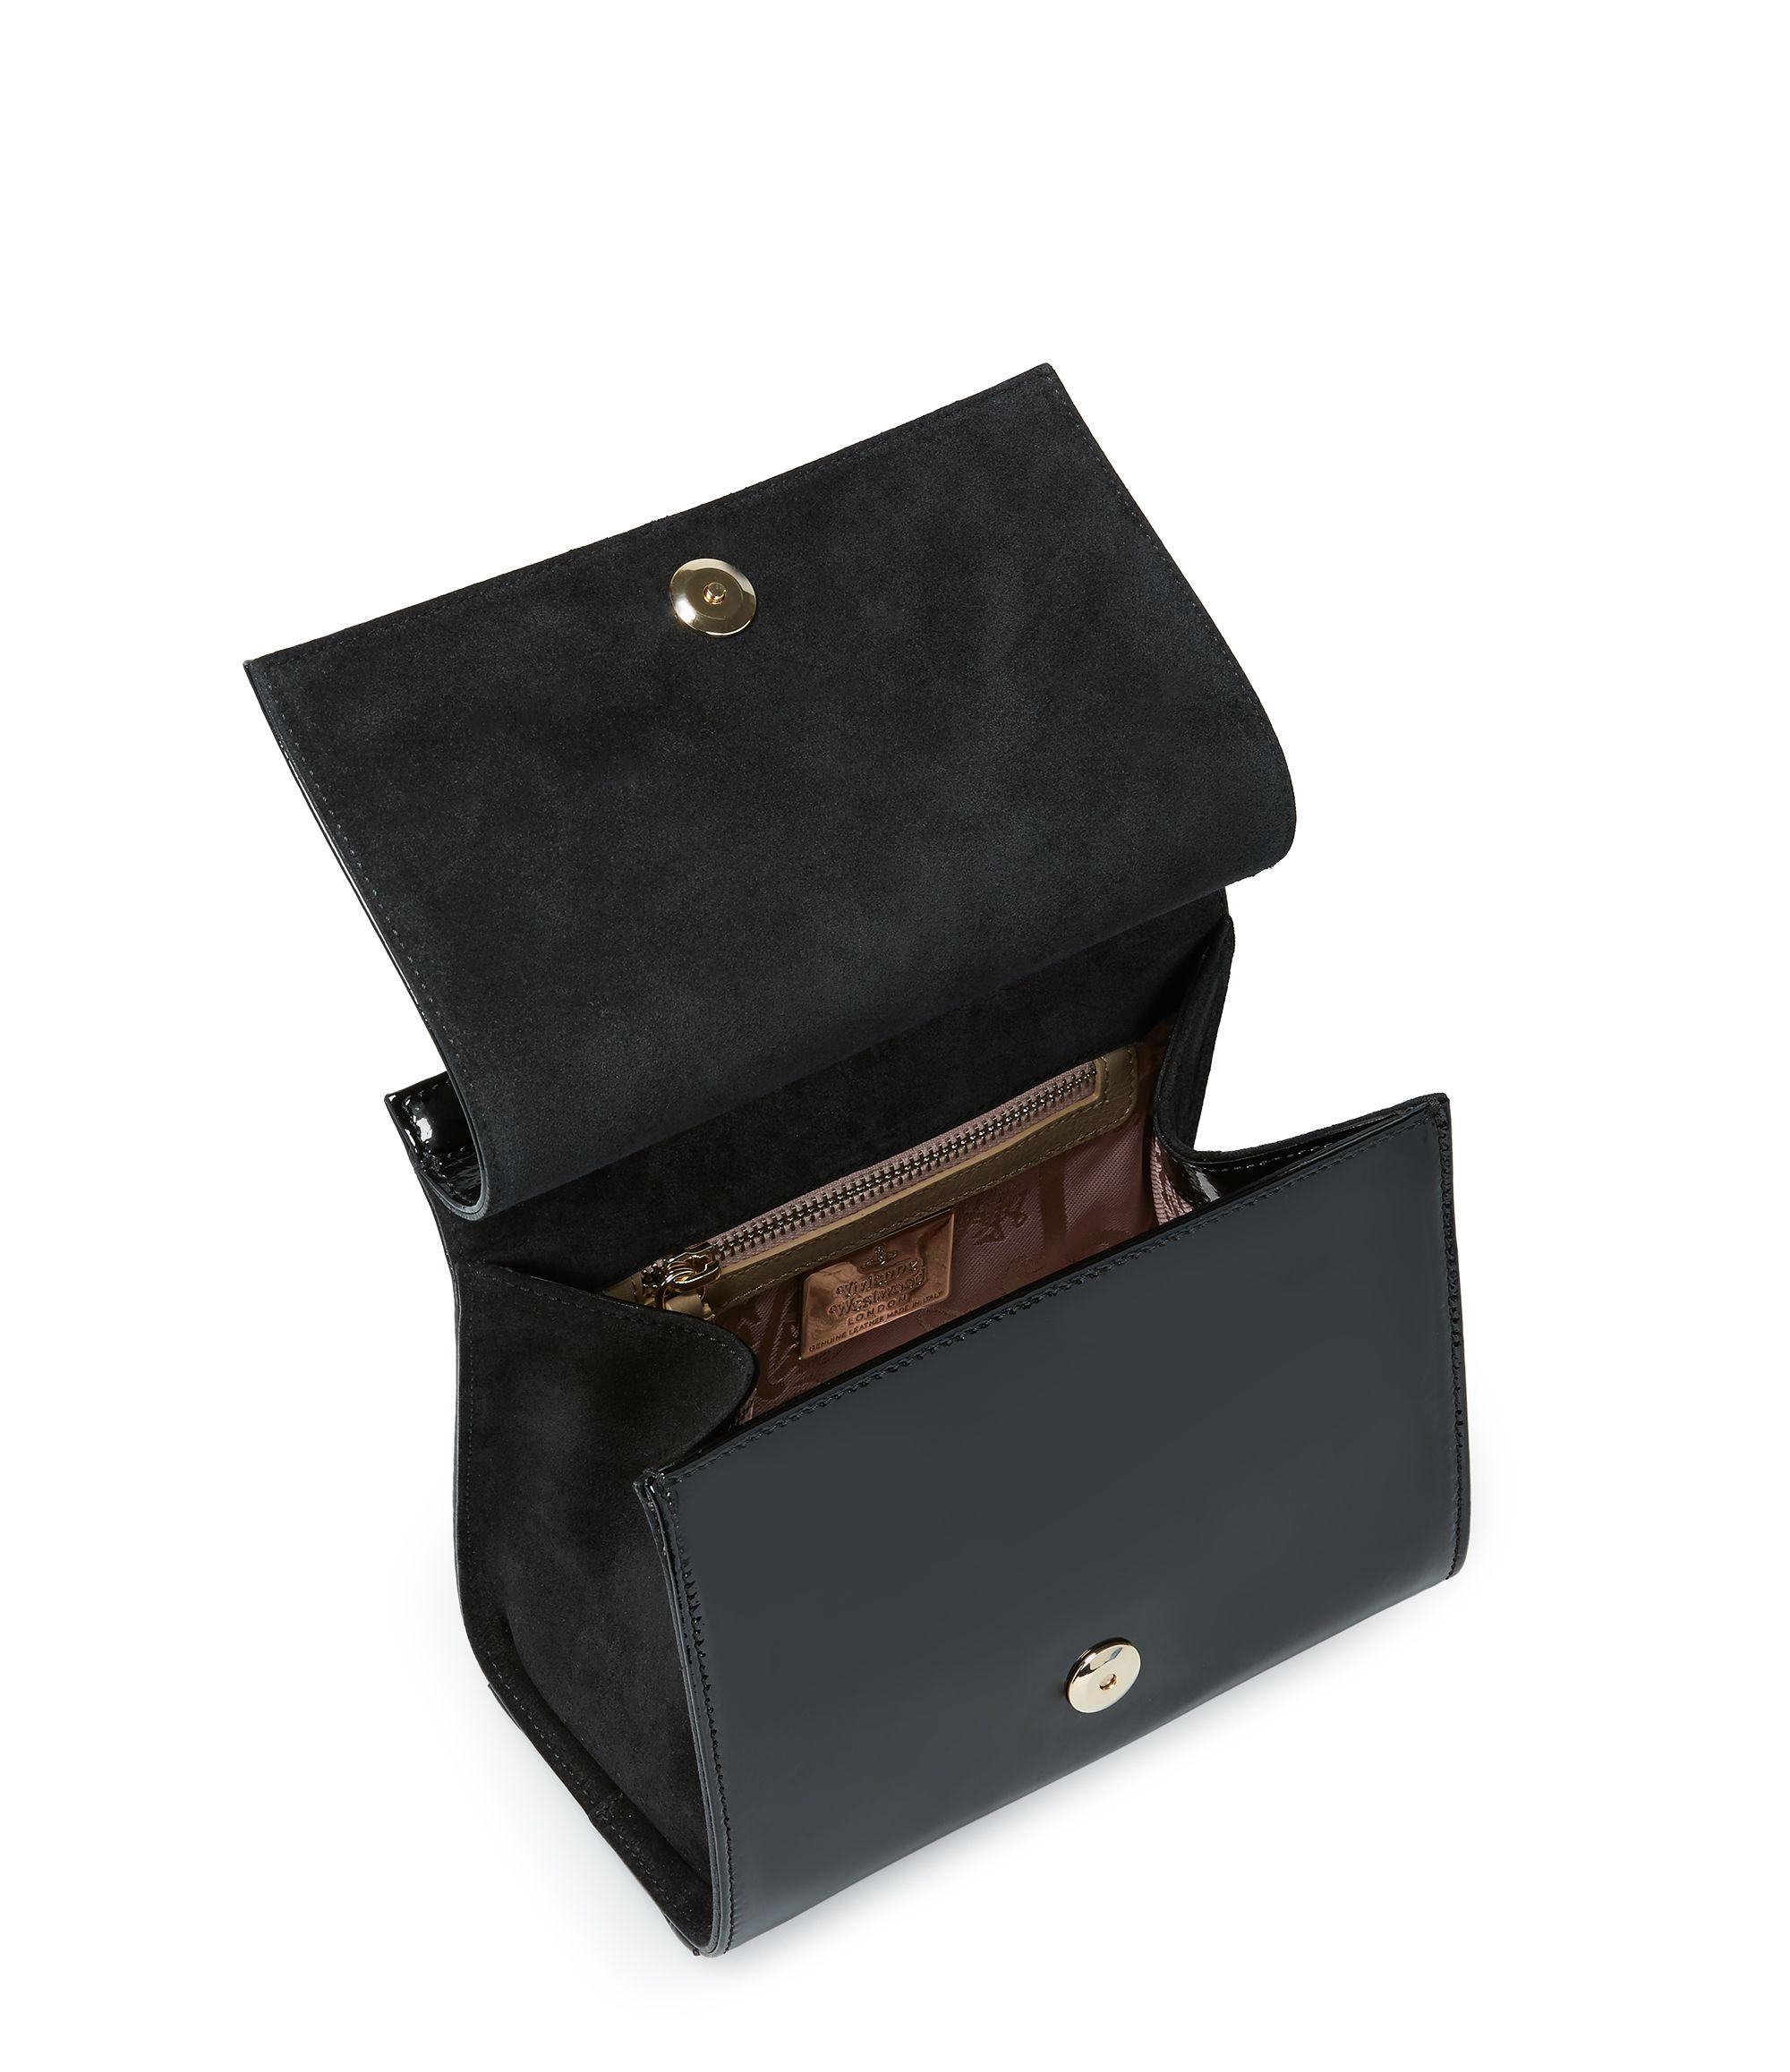 9915e667dd9 Margate Bag 7376 Black   For the love of black   Vivienne westwood ...